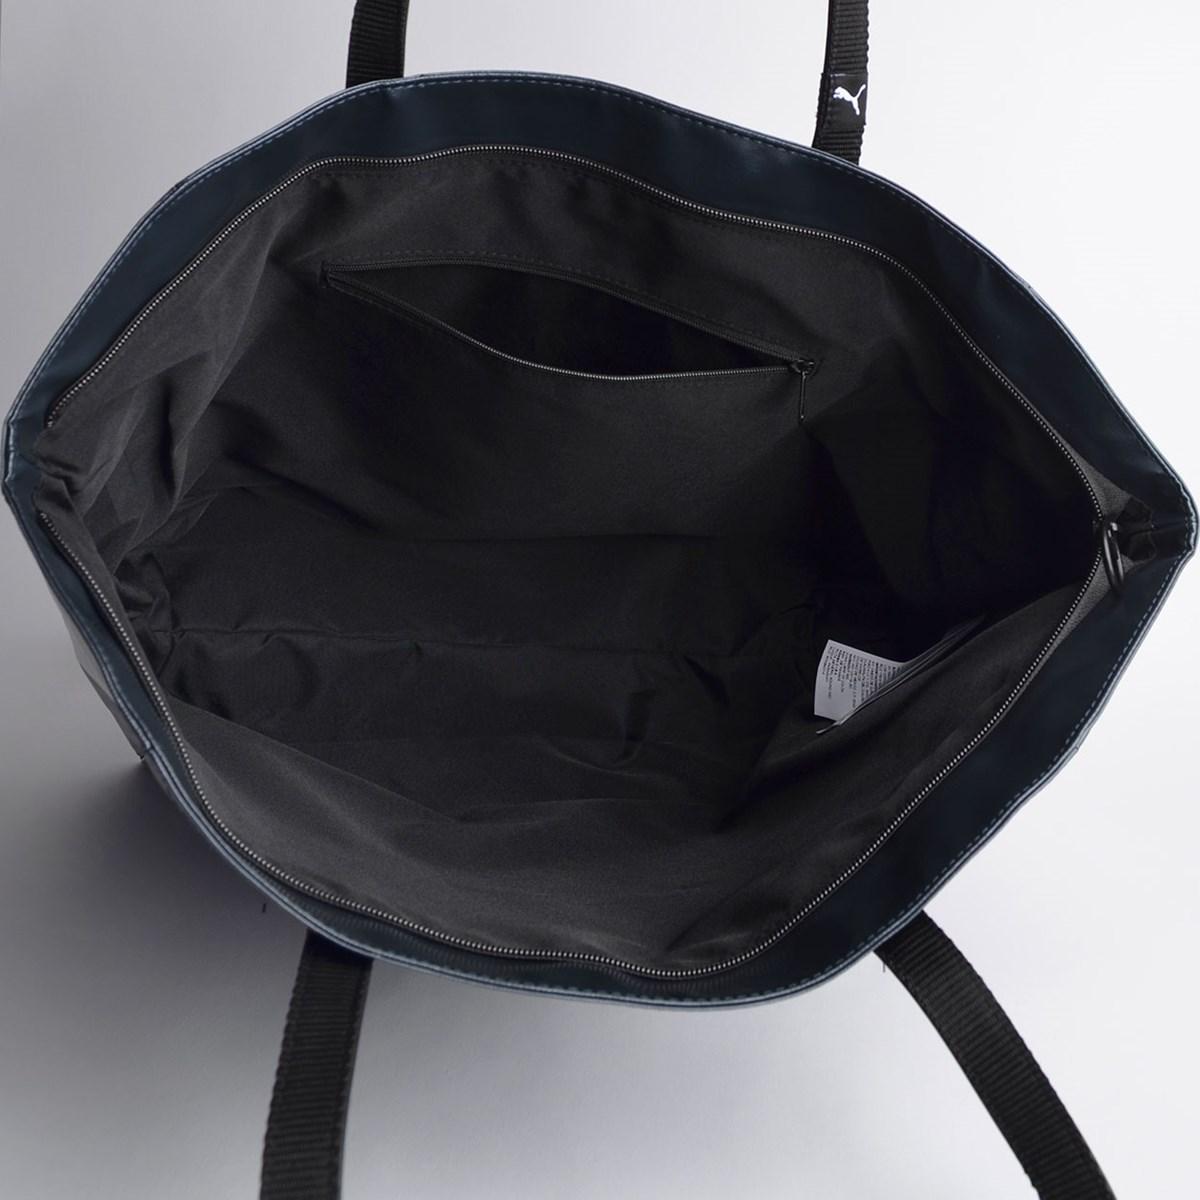 Bolsa Puma Prime Time Large Shopper Black Gunmetal 07659601